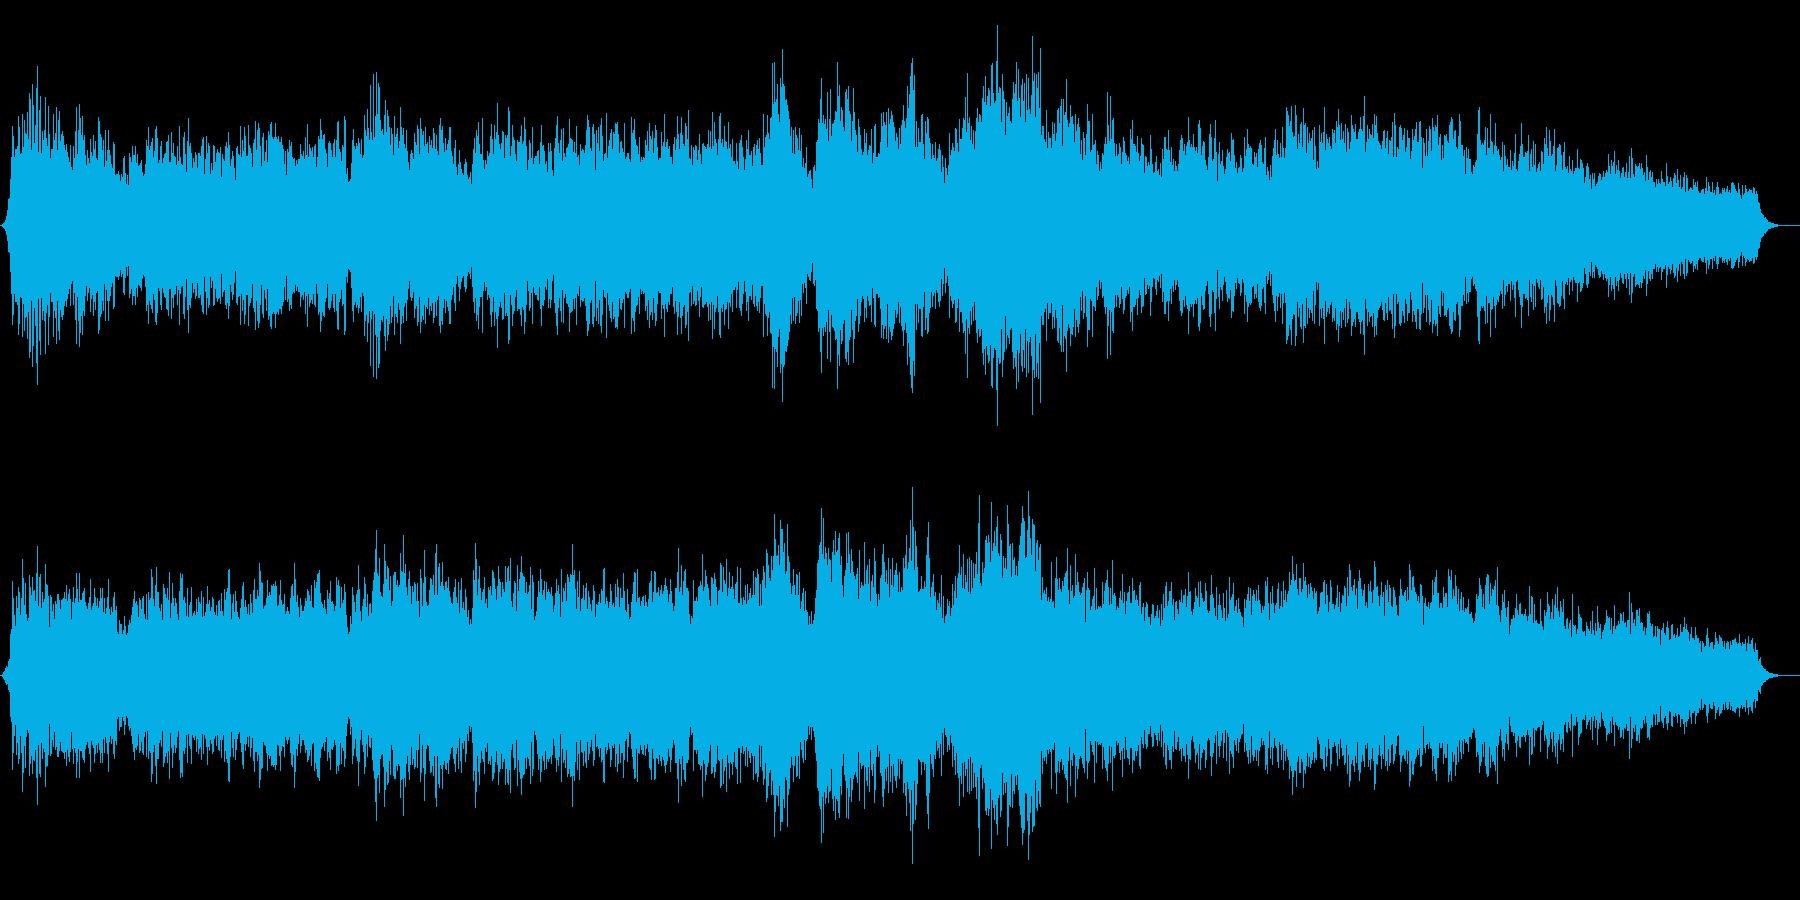 映画、ドラマのオープニング曲にの再生済みの波形